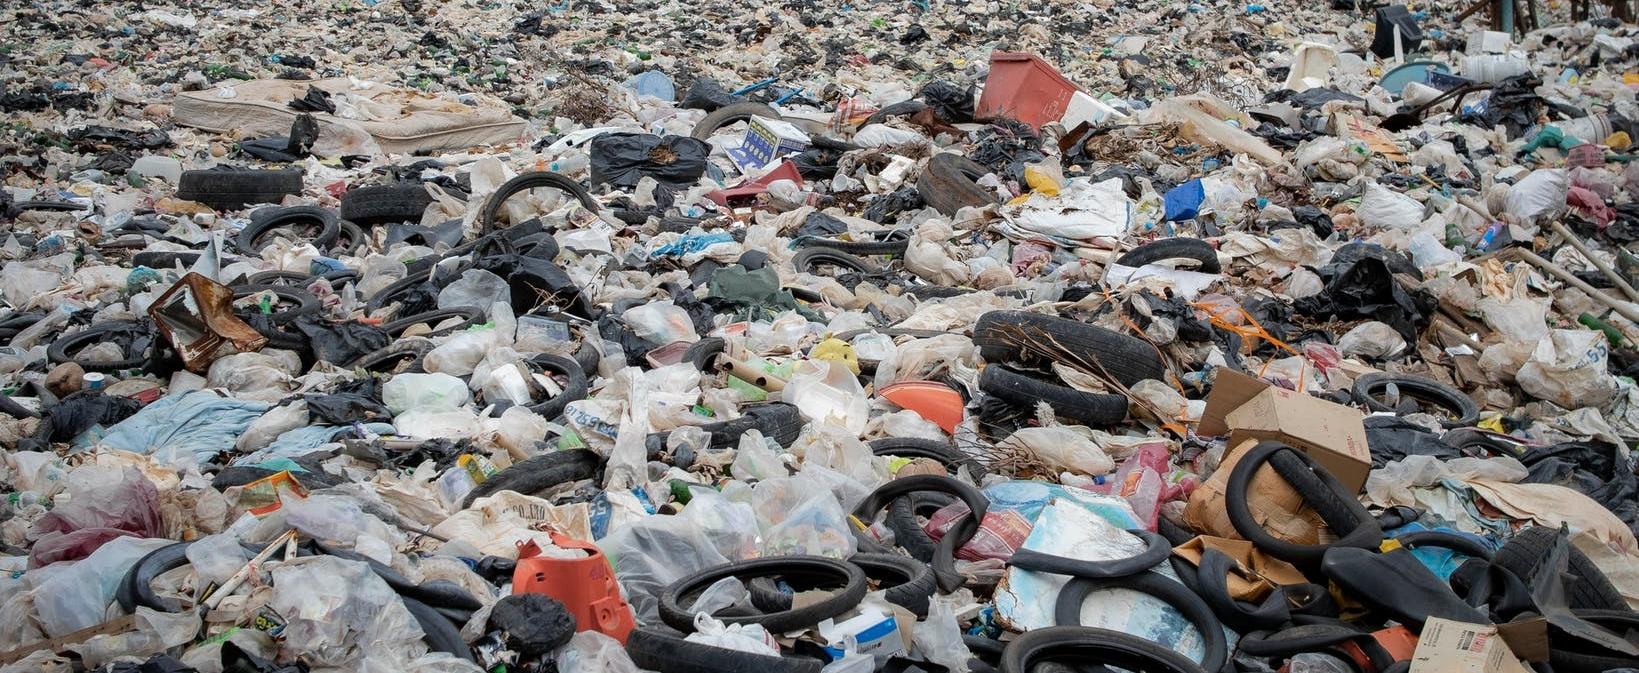 Arrêté concernant les dépôts sauvages de déchets et d'ordures